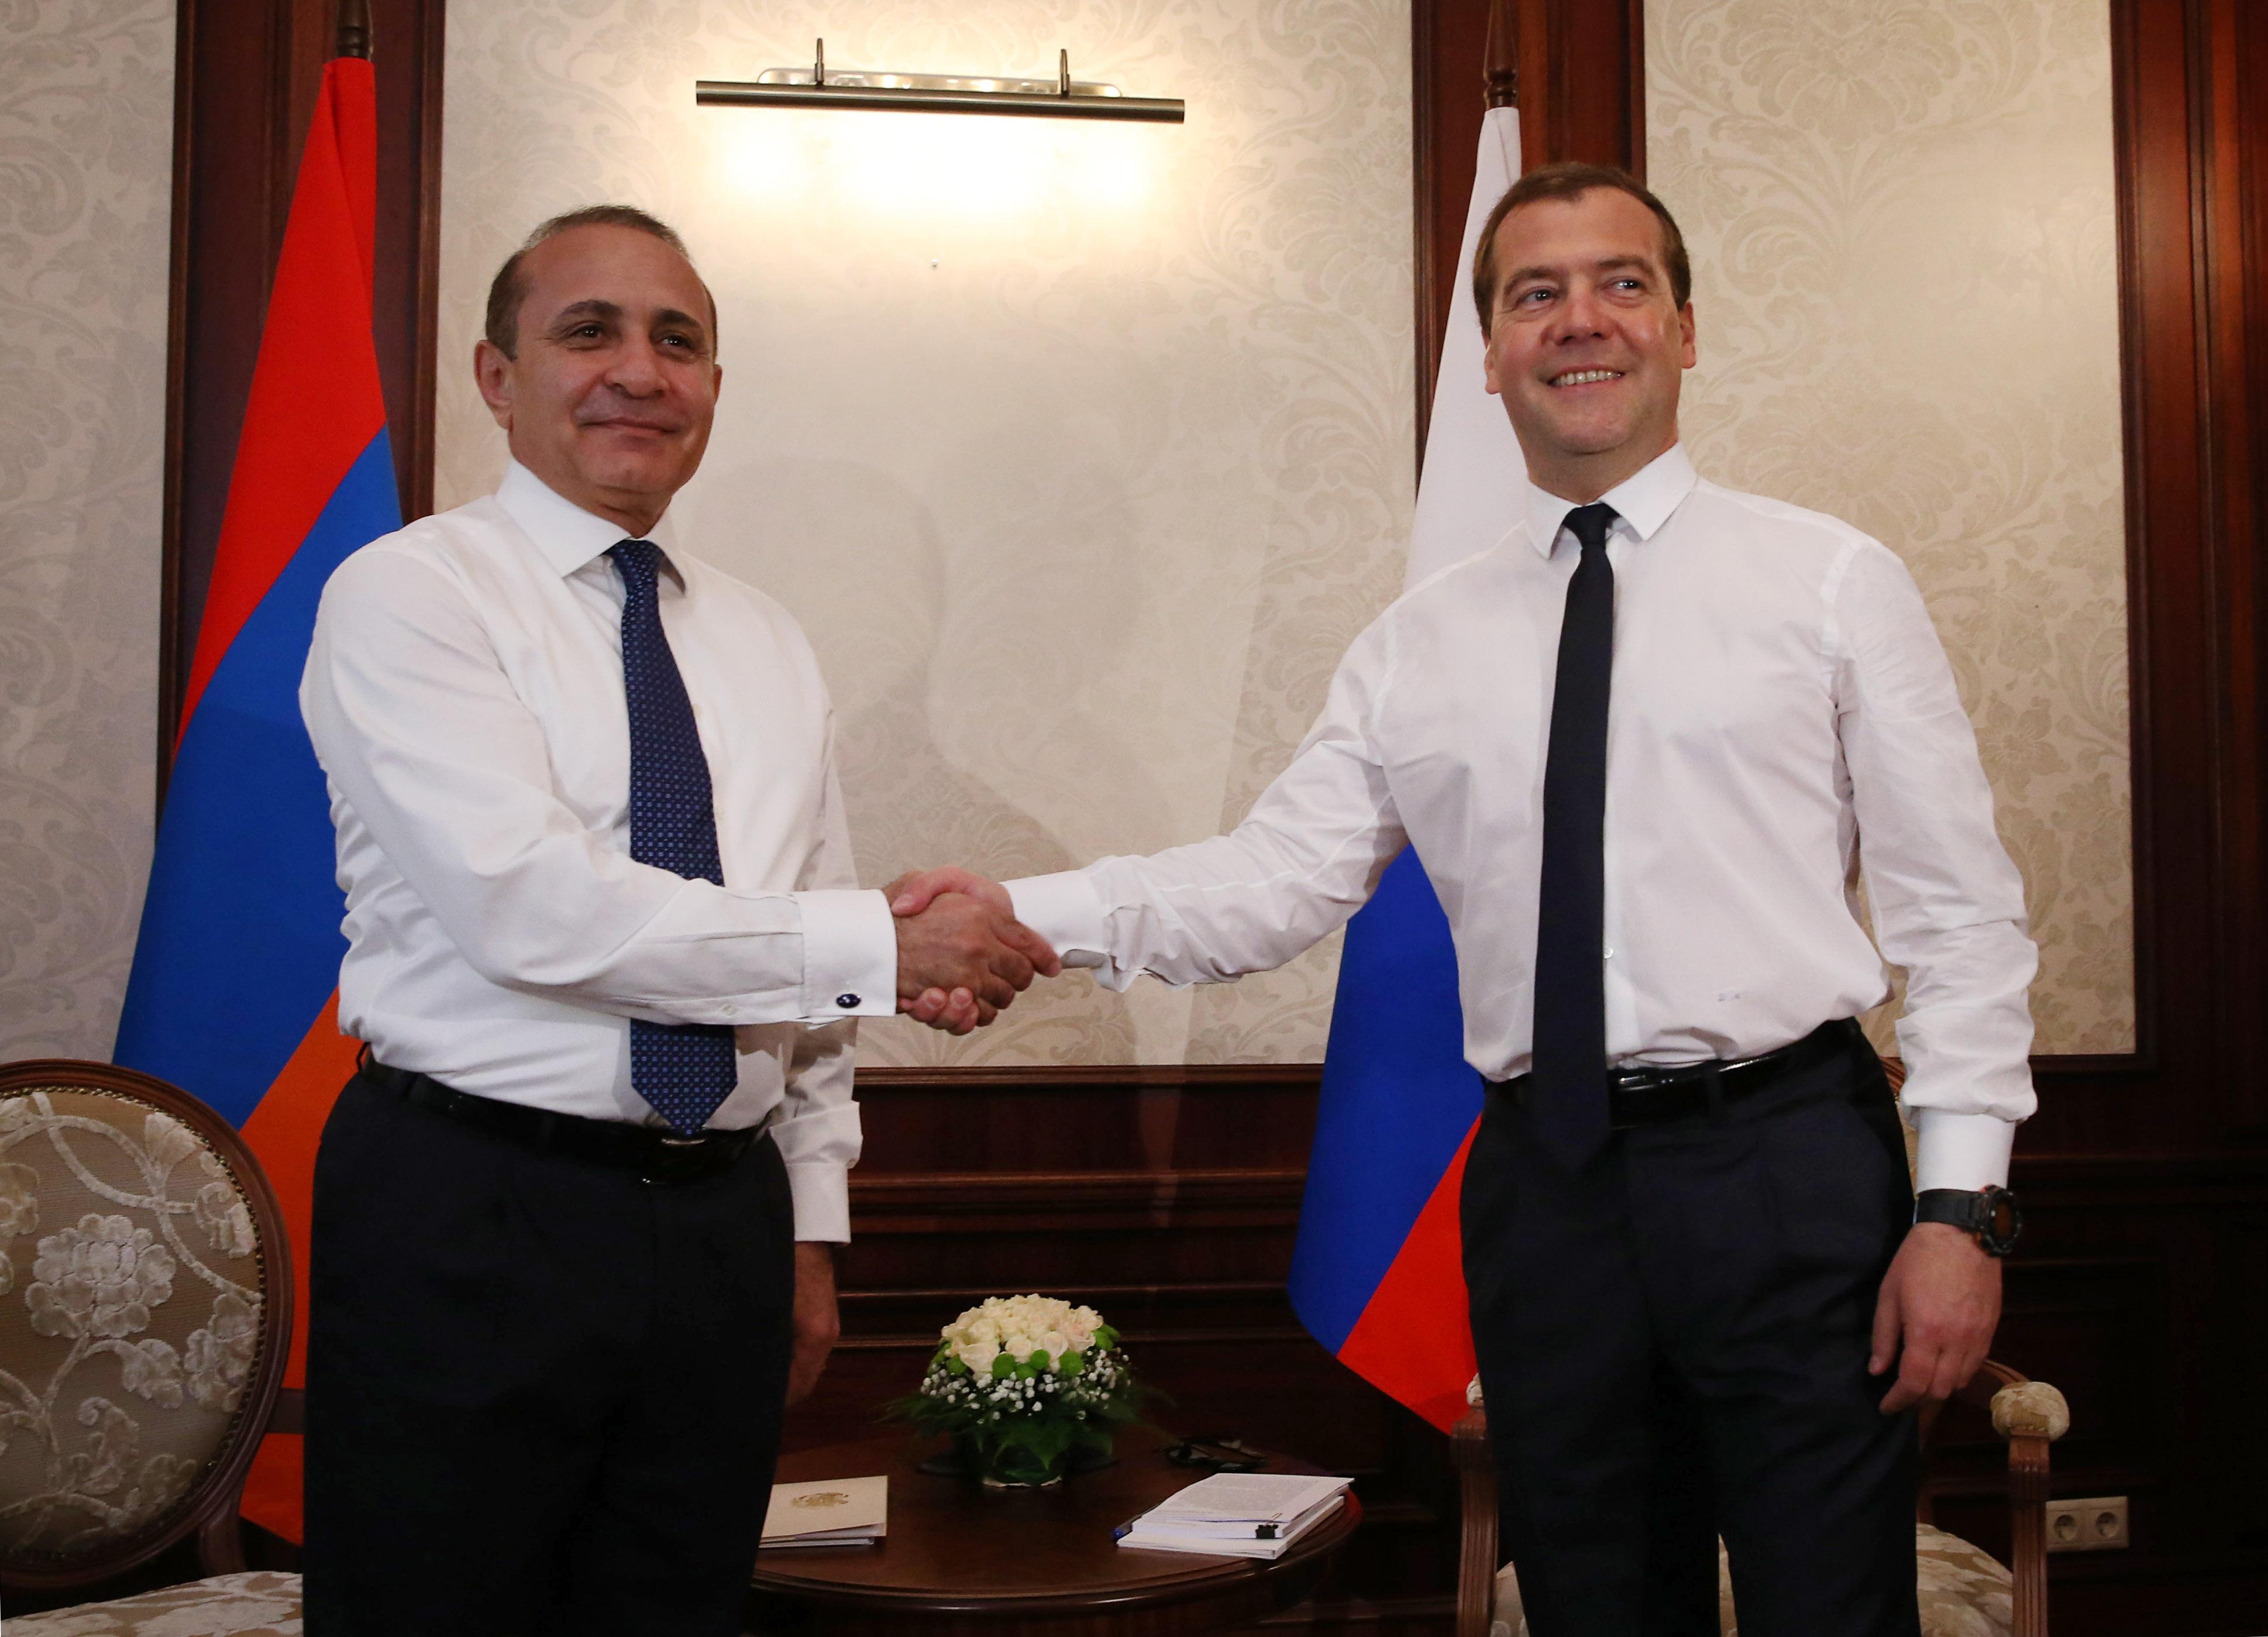 Премьер-министр РФ Д.Медведев провел переговоры с премьер-министром Армении О.Абраамяном